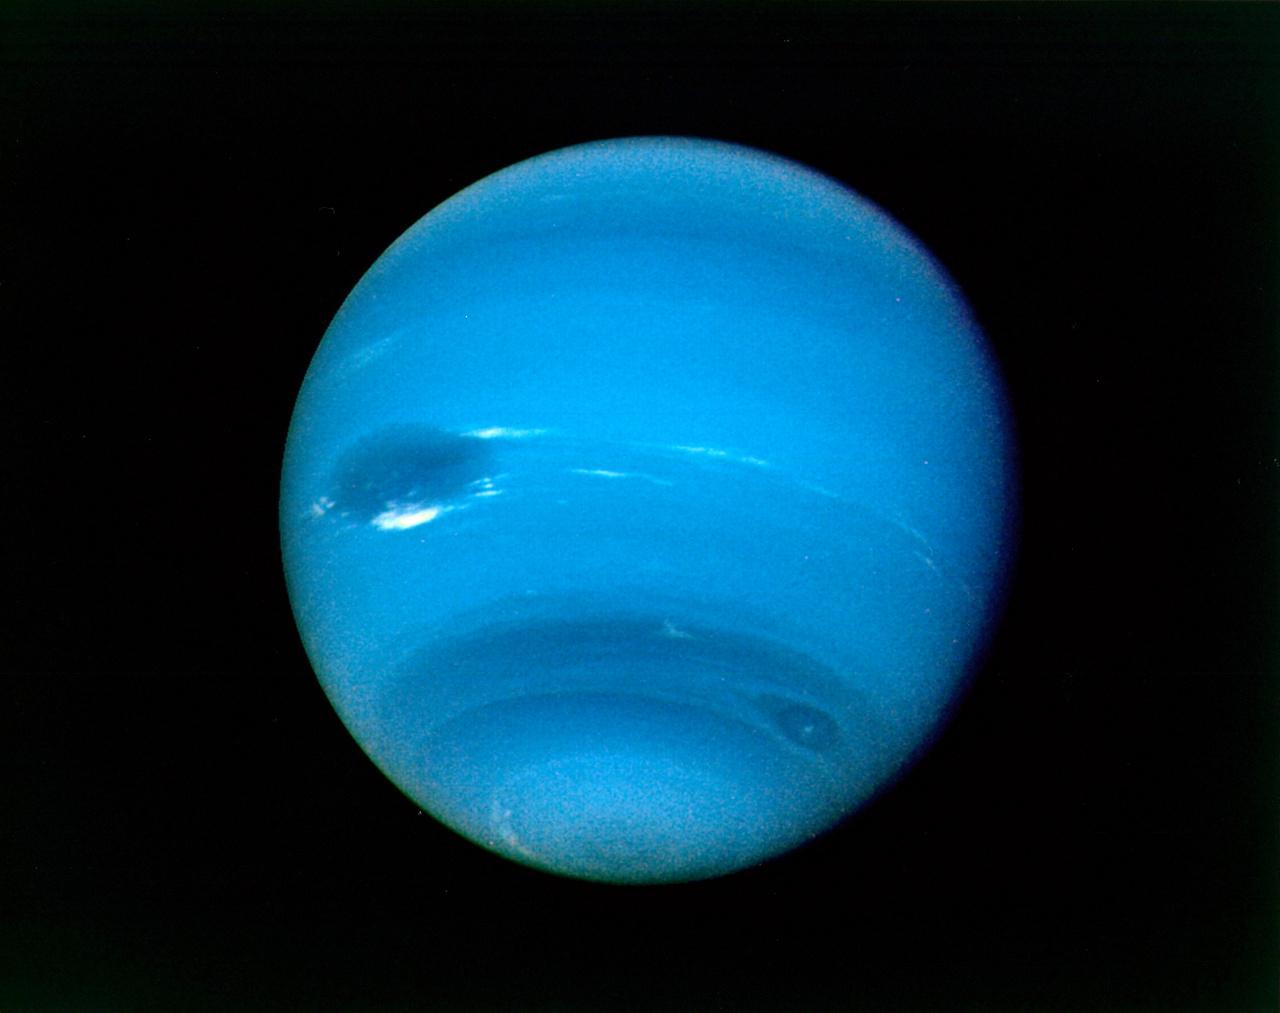 1989. augusztus 16. és 17. között. A Voyager 2 szinte folyamatosan fényképezte a Neptunuszt, ami ezen időszak alatt két és félszer fordult meg tengelye körül. A képen jól látható a bolygó egyik nevezetes nagy sötét foltja, ami a Jupiter vörös foltjához hasonlatosan egy hatalmas viharrendszer. Jobbra lent, egy kisebb jellegzetes sötét viharfolt is megfigyelhető.